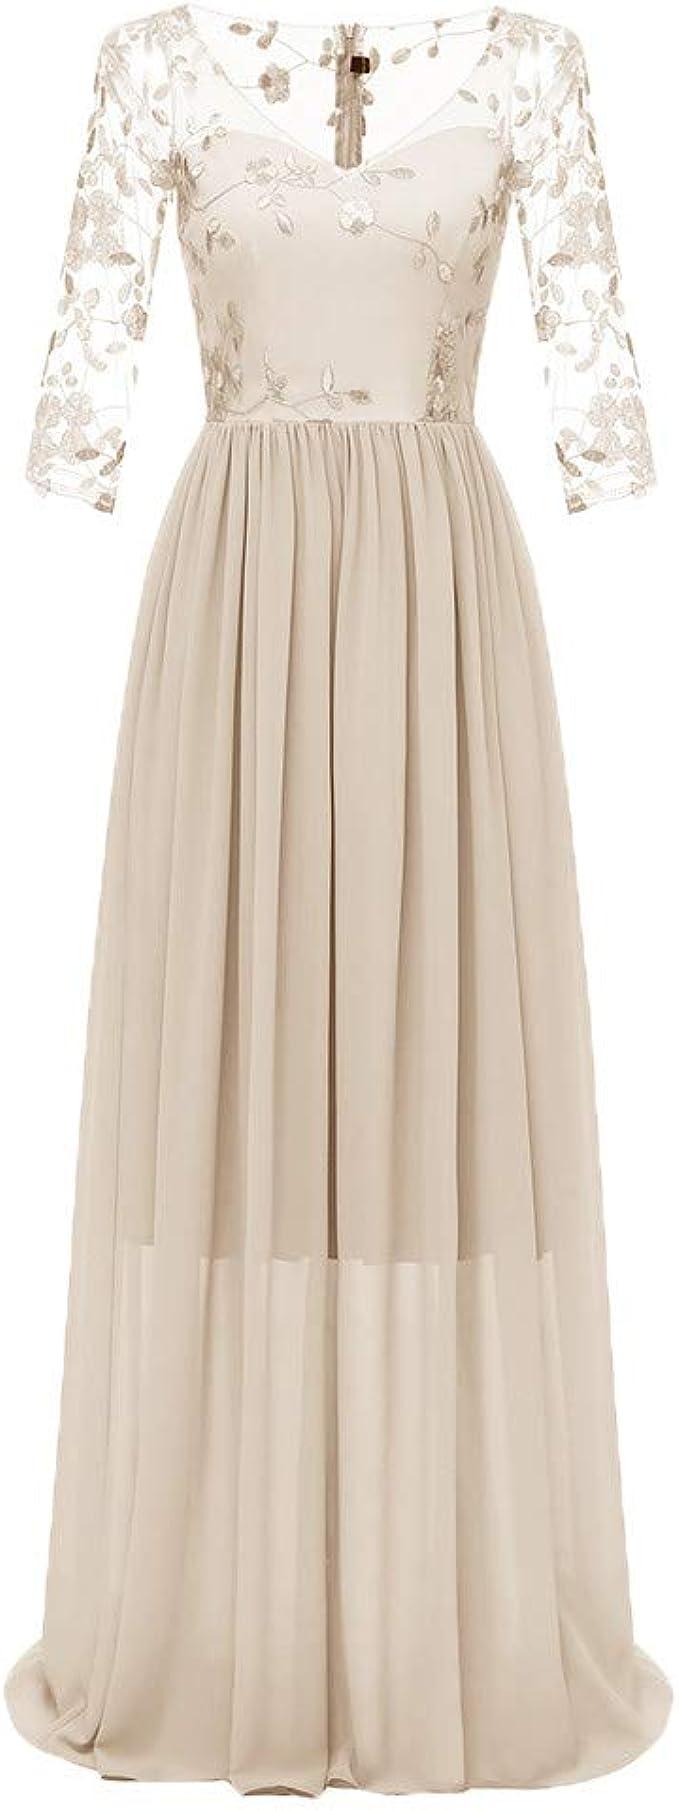 Goosuny Damen Hochzeitskleid Lange Spitze Chiffon Kleid